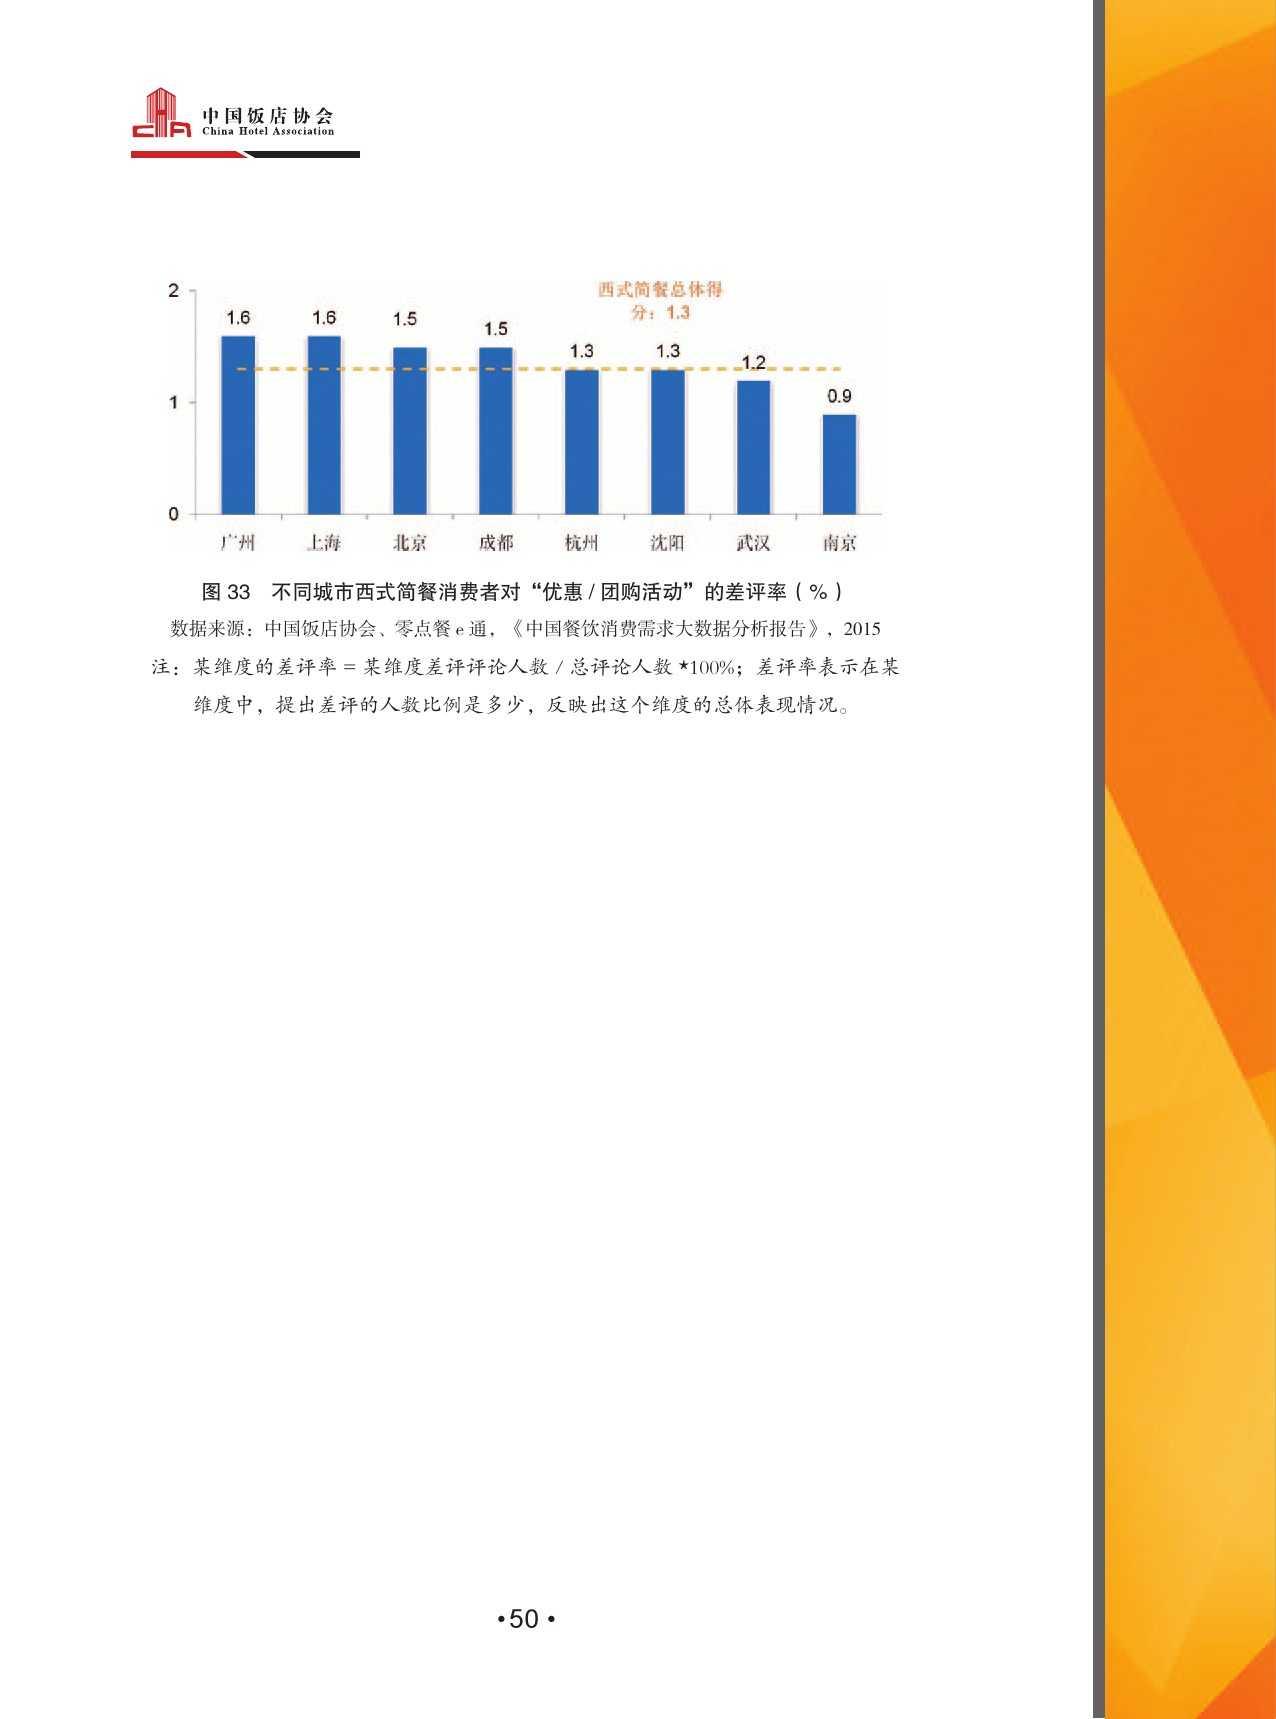 2015中国餐饮消费需求大数据分析报告_000052